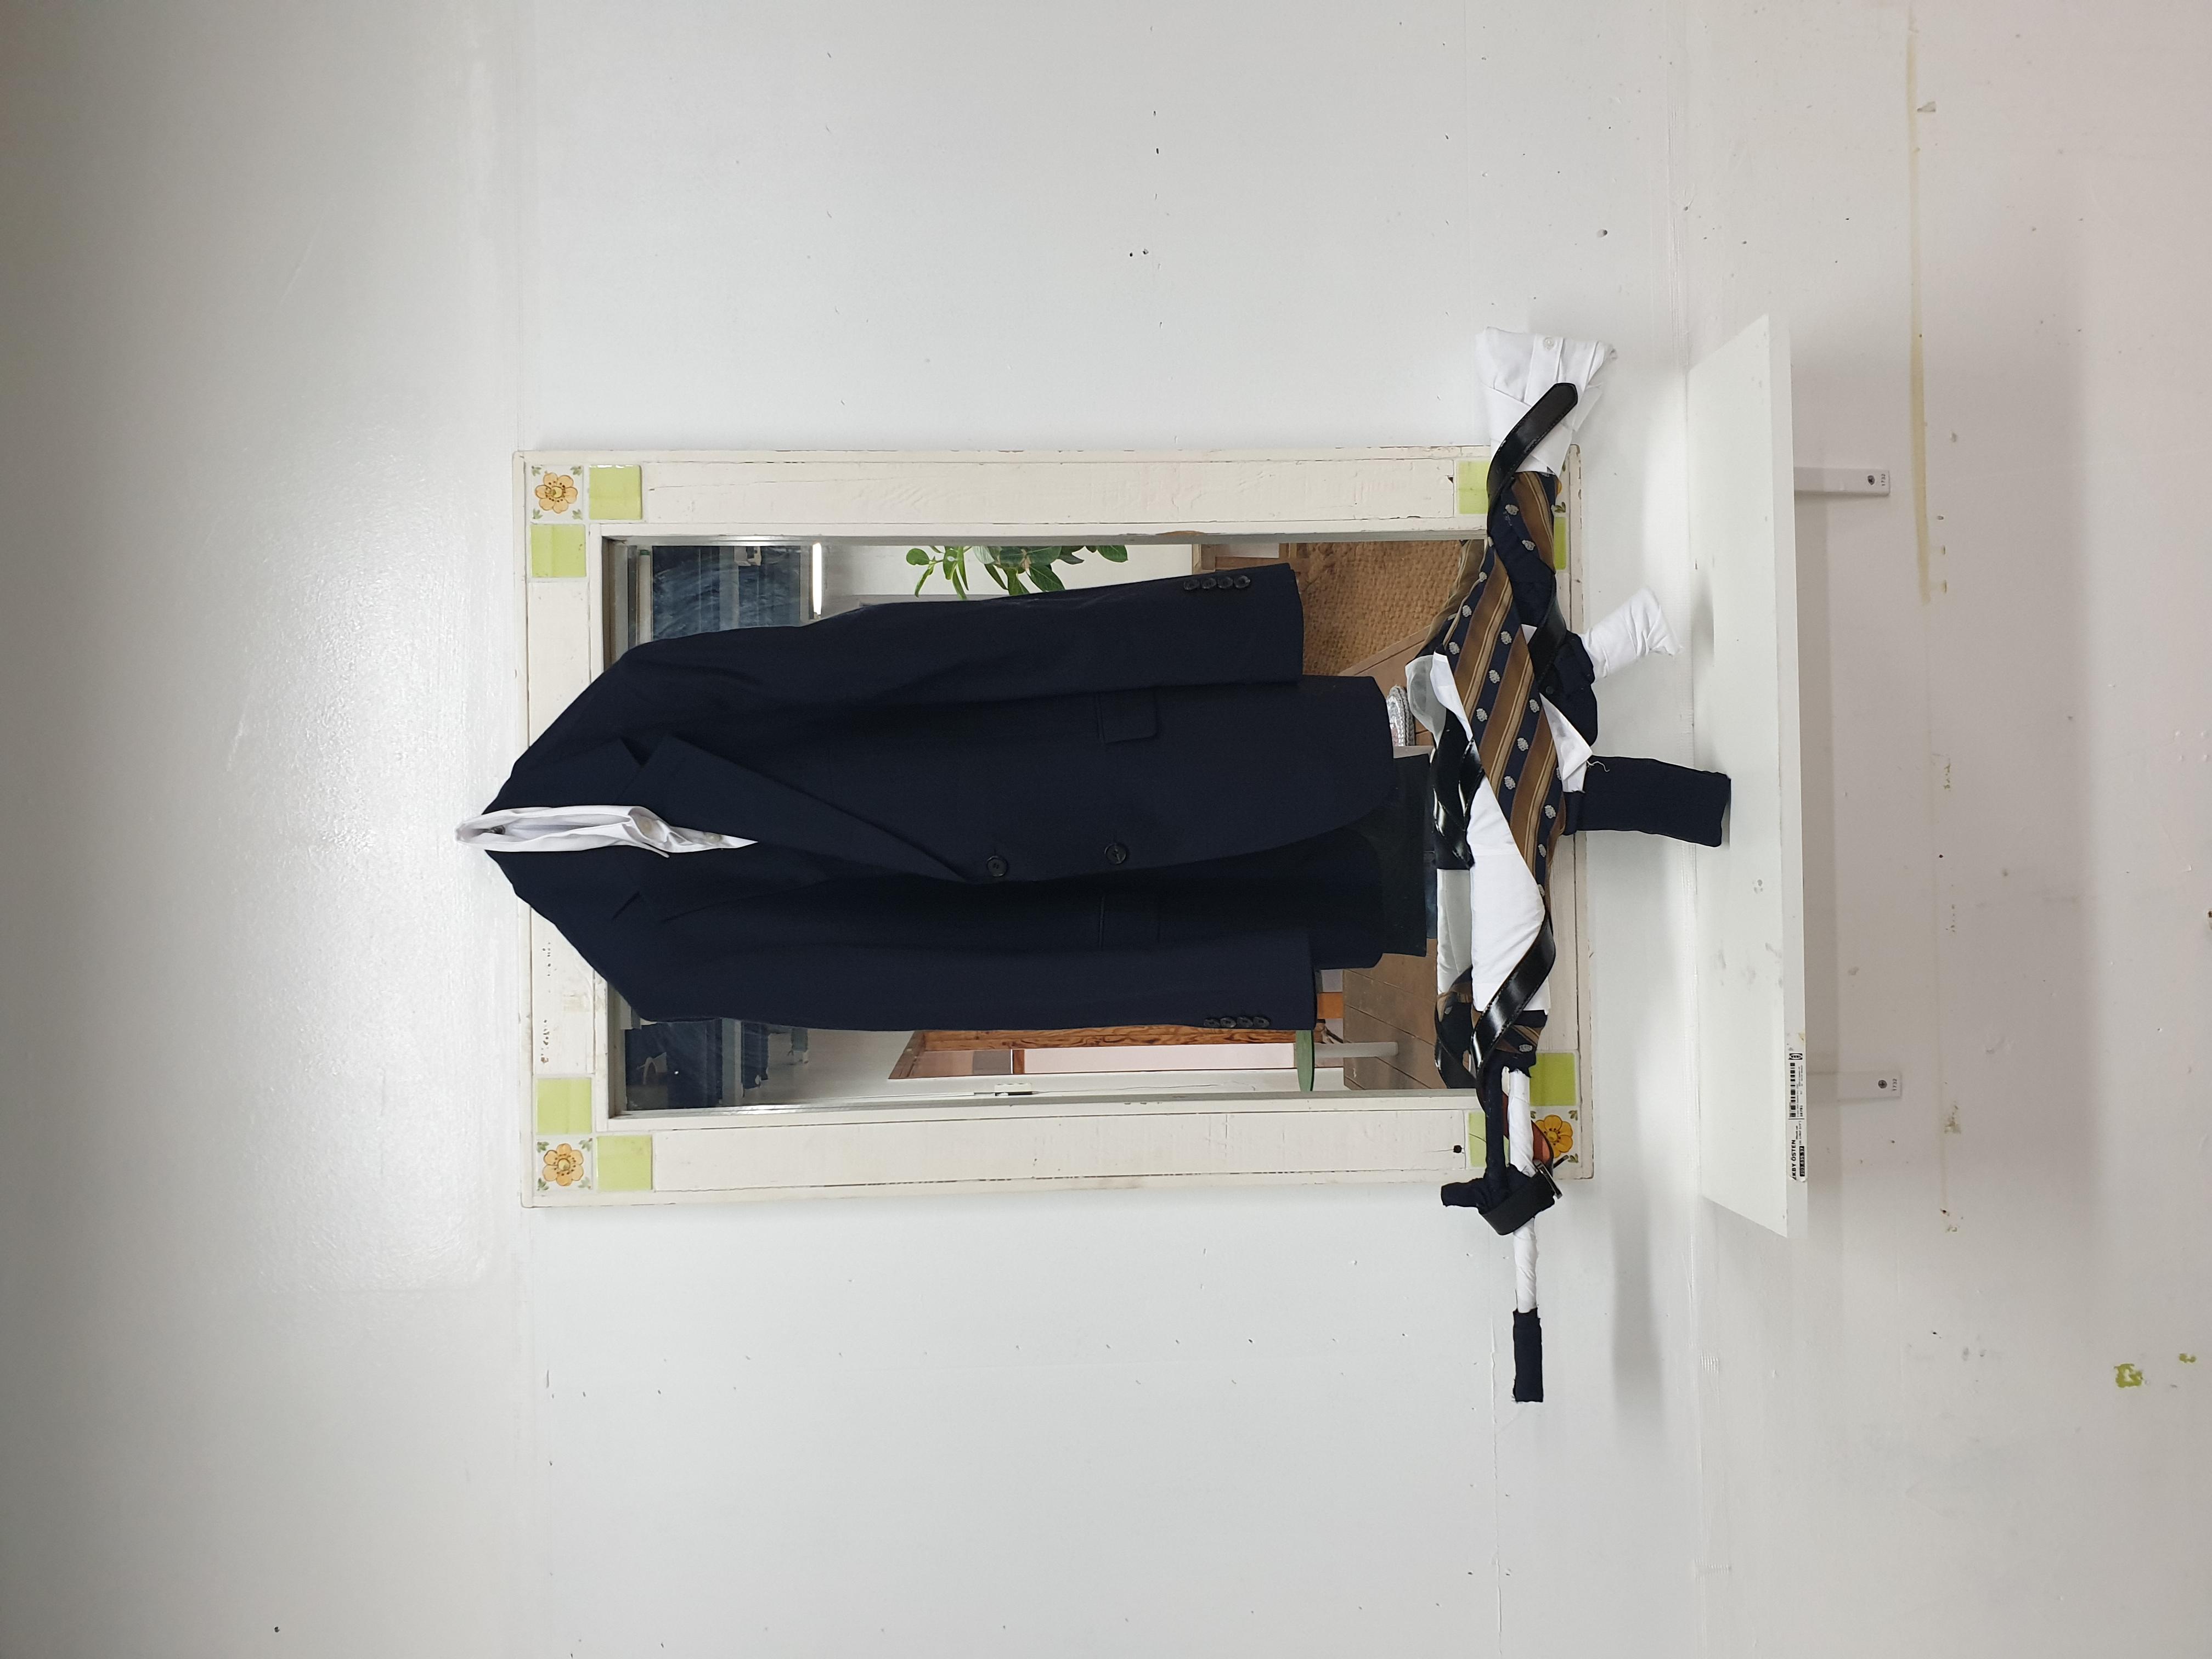 정승용 , 전투복 2019 - 퇴근 후, 출근 전, 970 x 220mm, 장난감, 정장.jpg